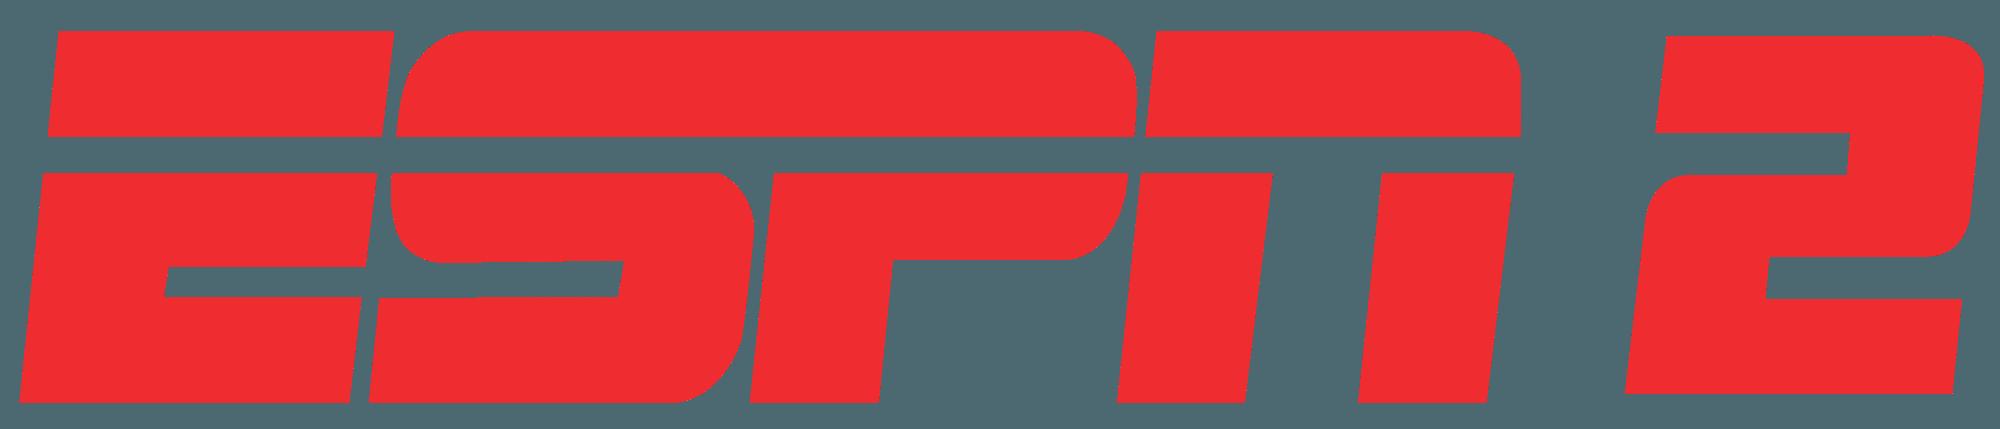 ESPN2 Logo.